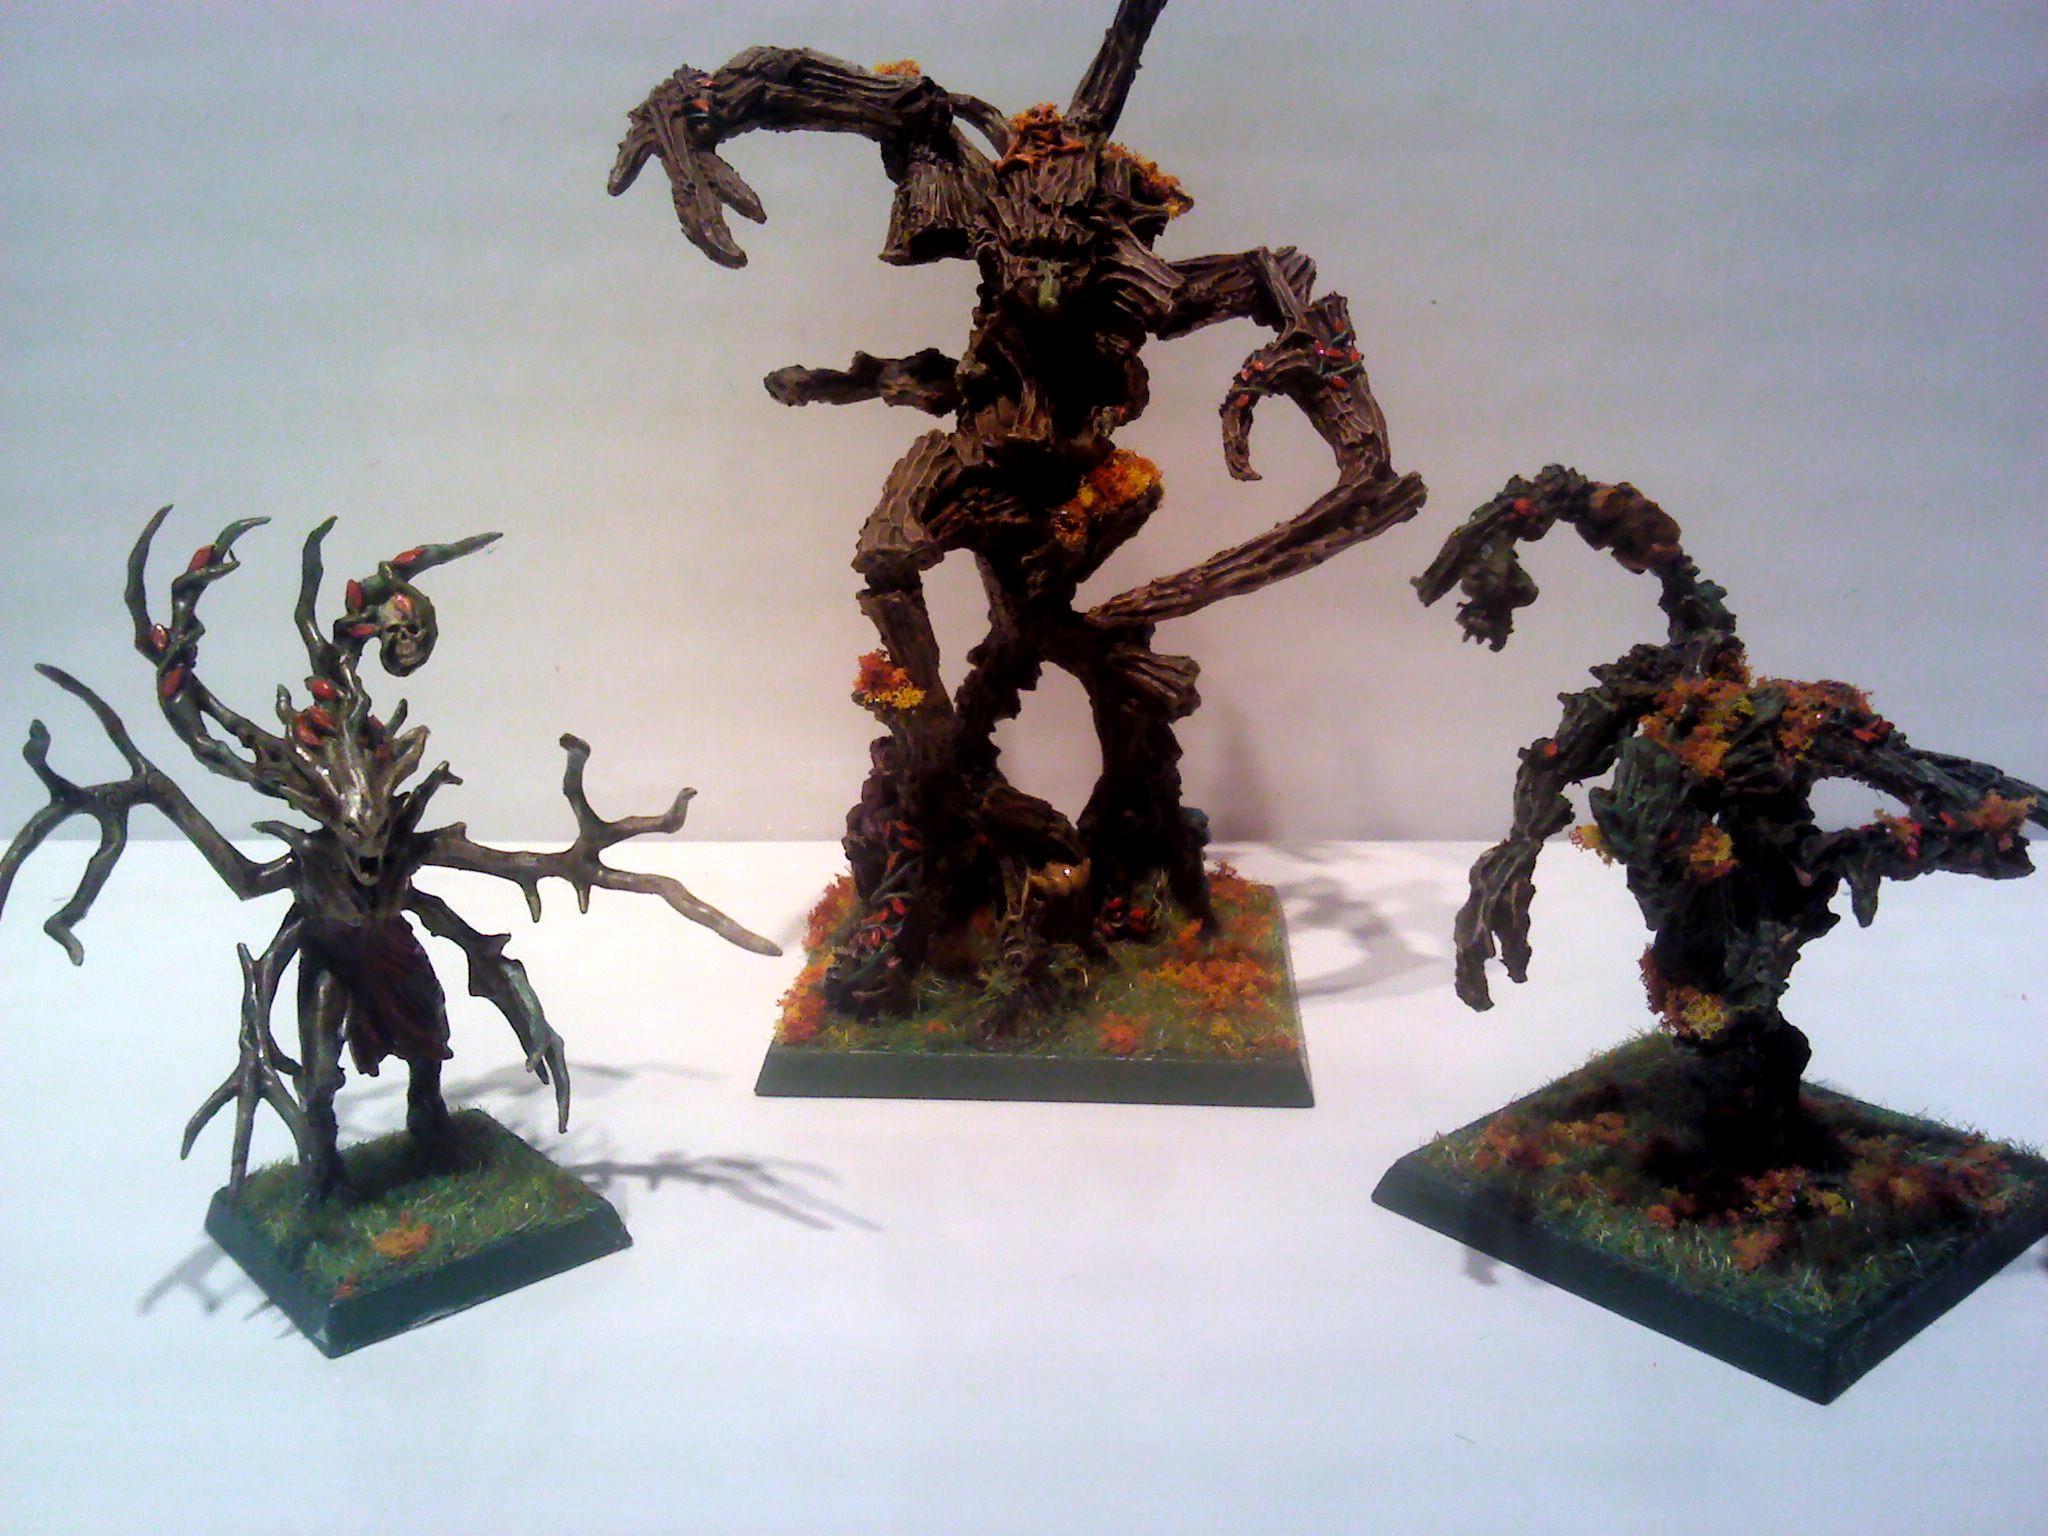 Dryad, Treekin, Treeman, Wood Elves